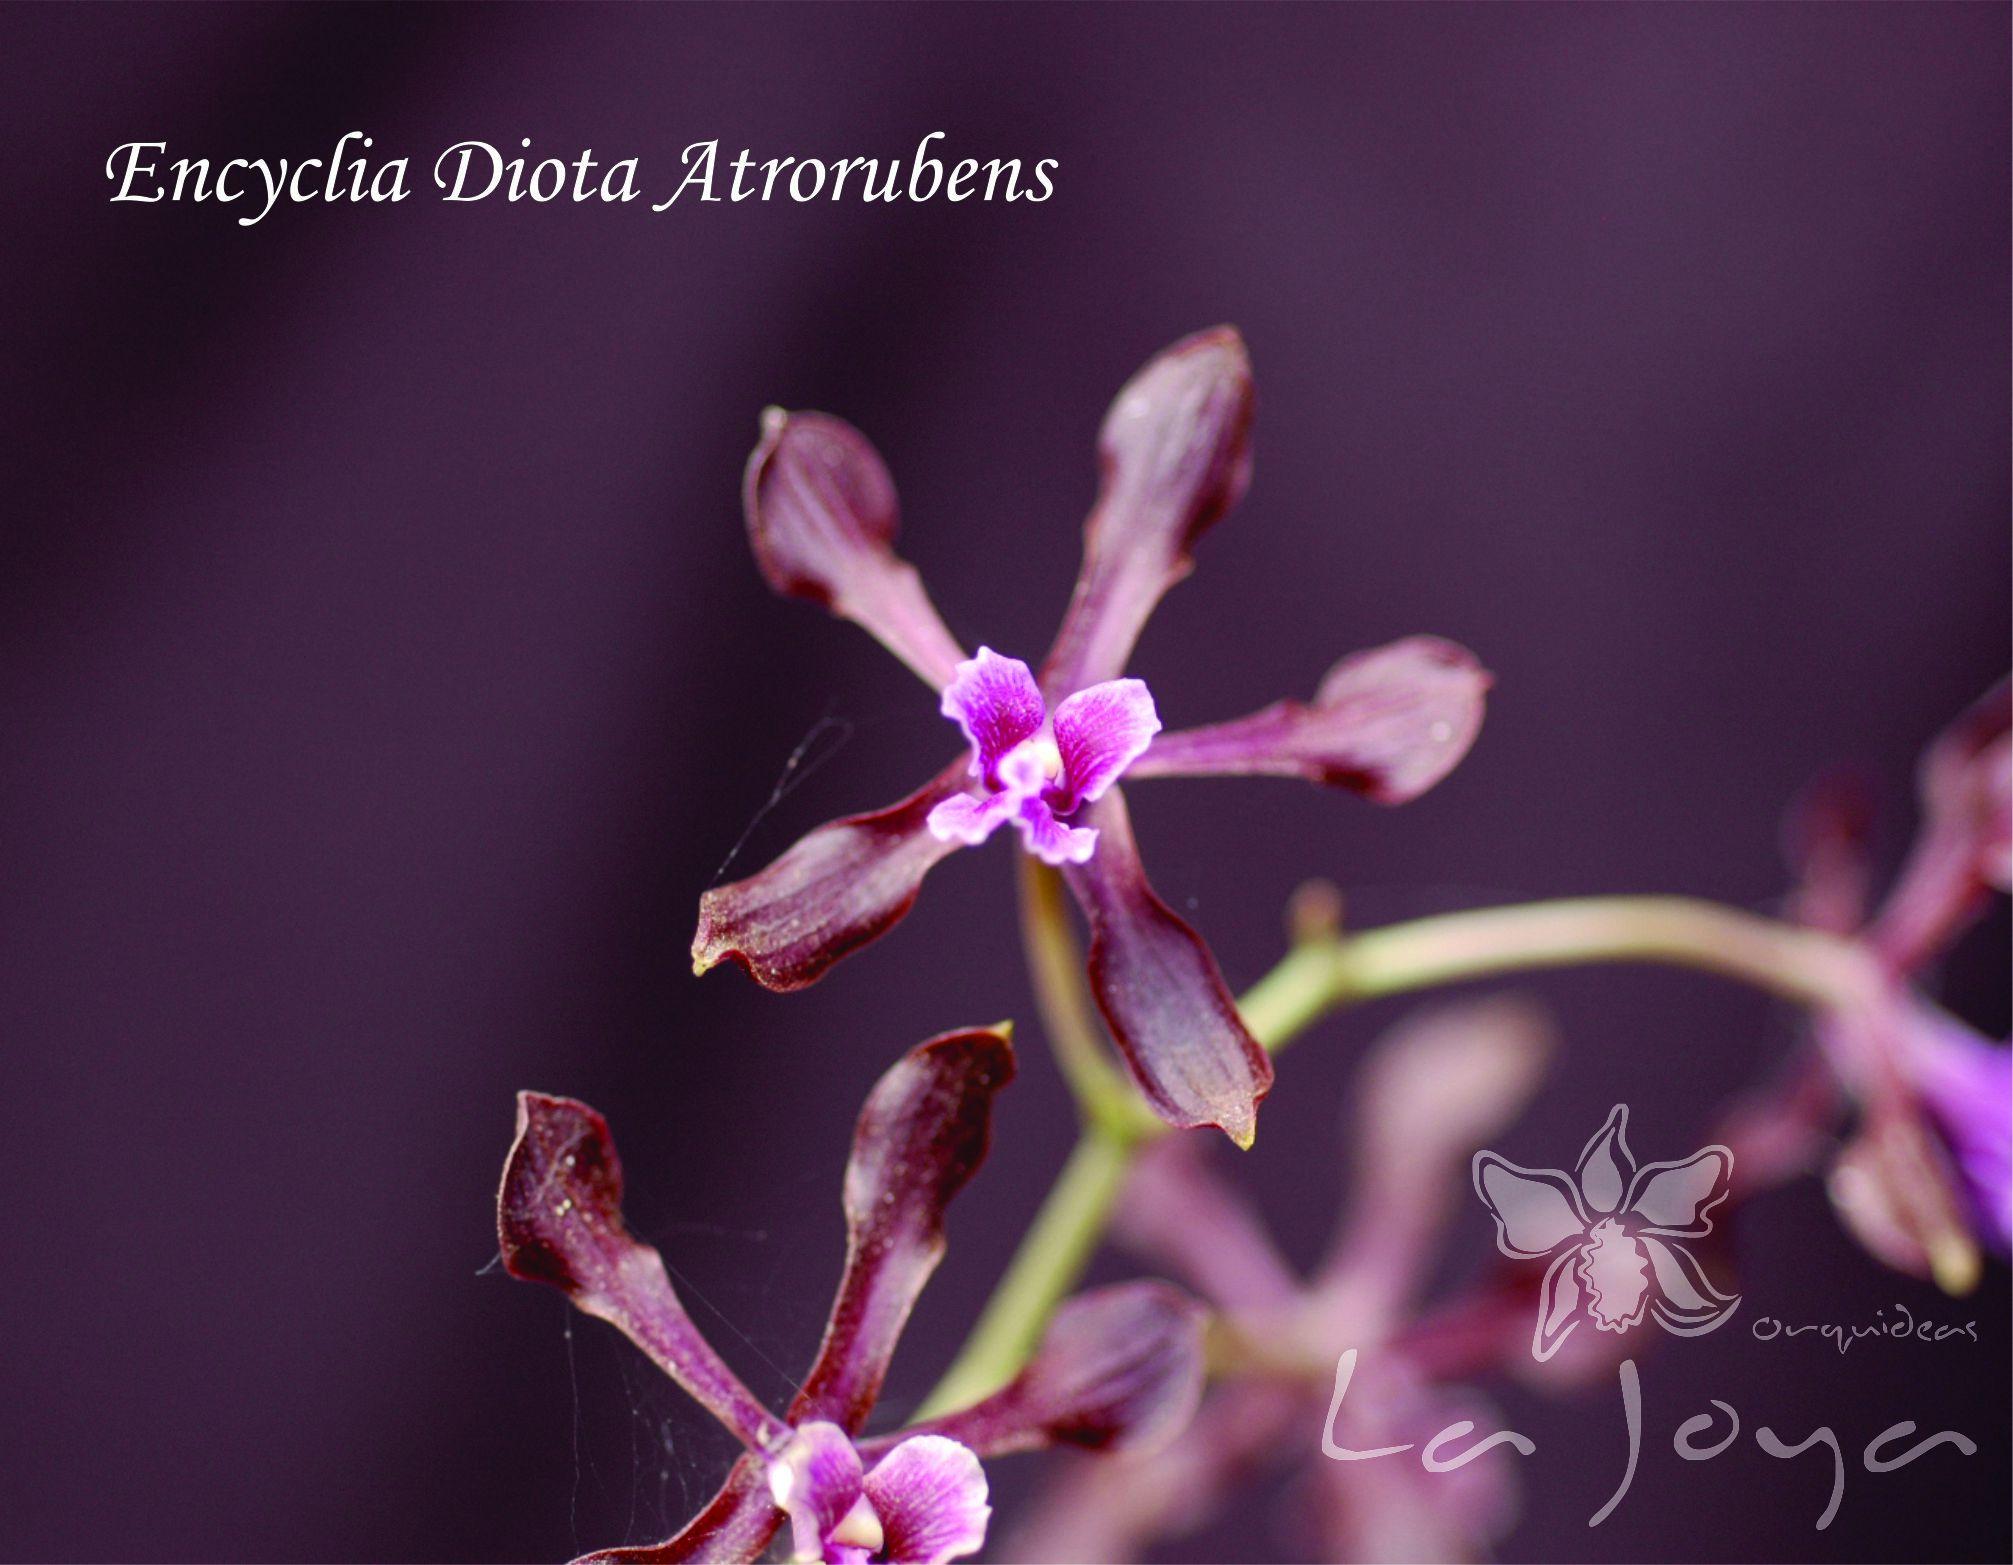 Encyclia Diota Atrorubens